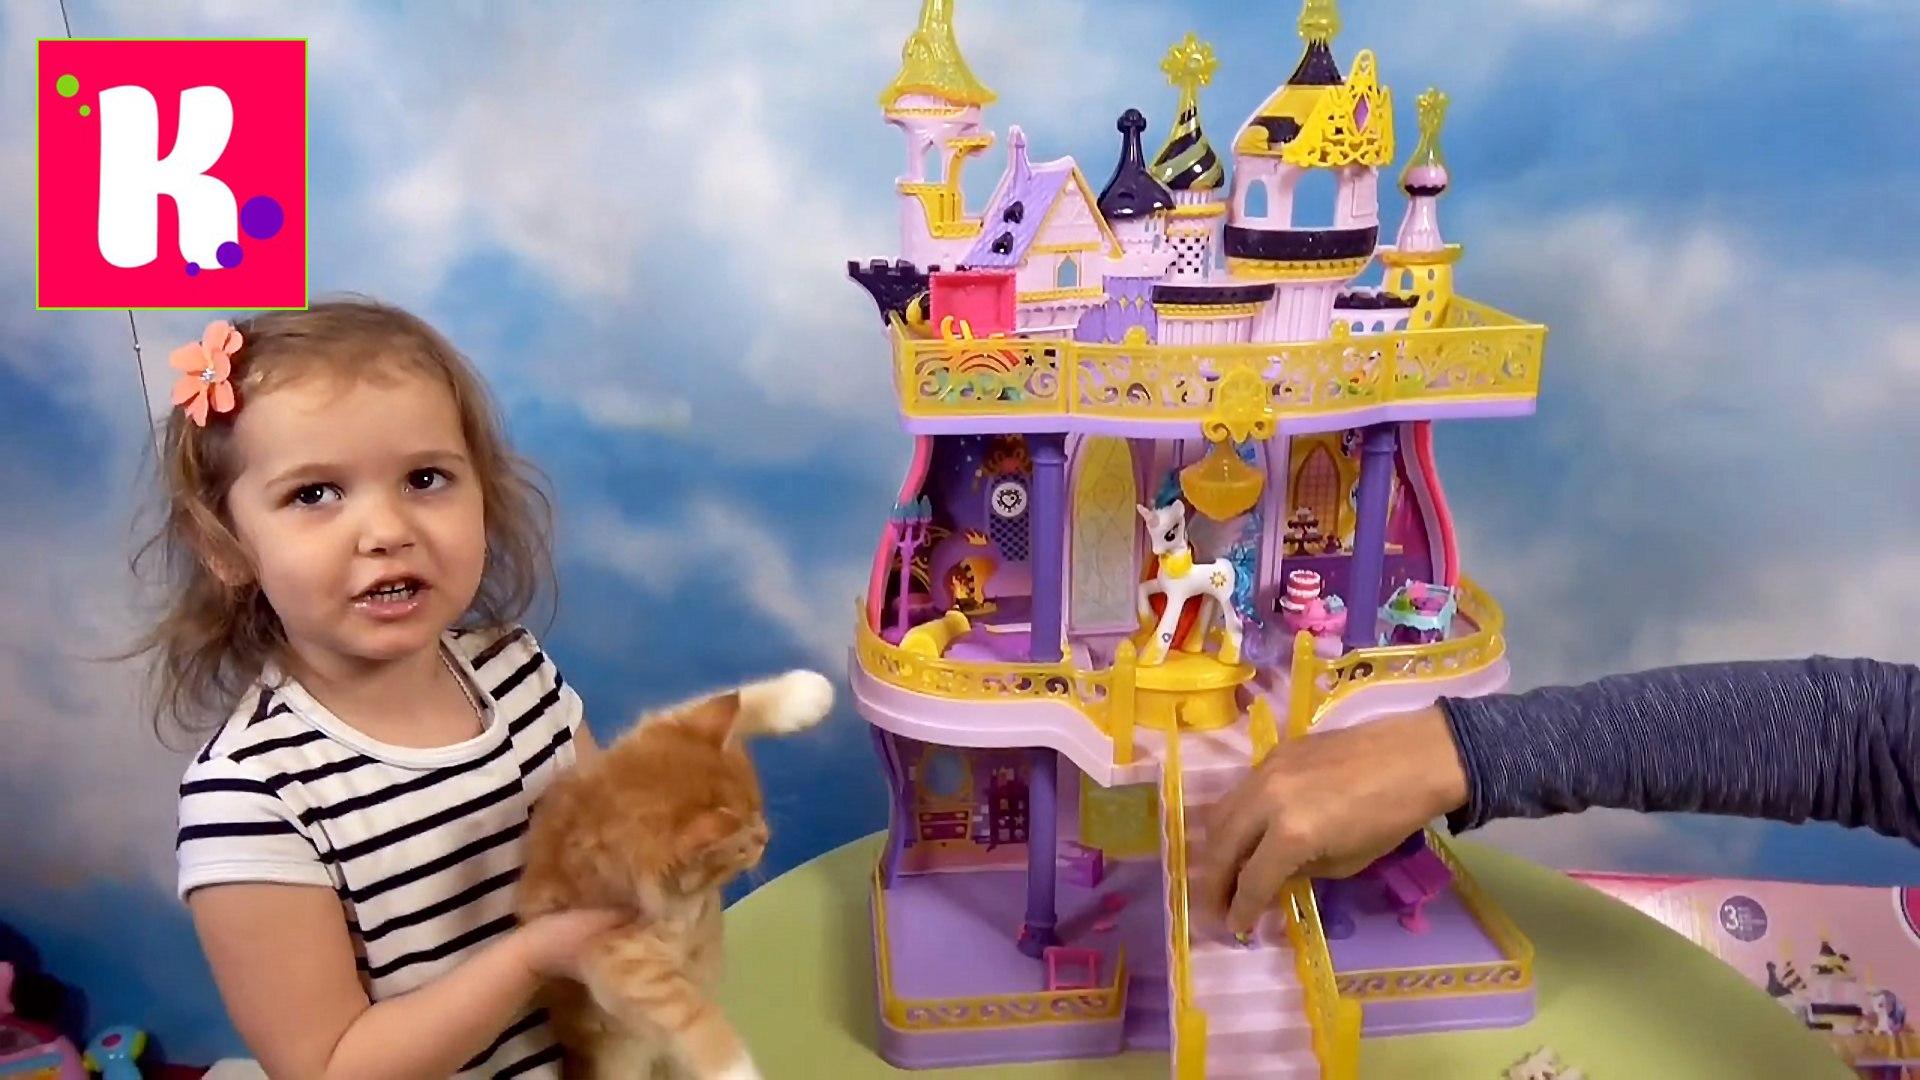 Пони Майл Литл Пони Дворец Принцессы Силестии распаковка игрушки с Мисс Катя  My Little Pony Casstle